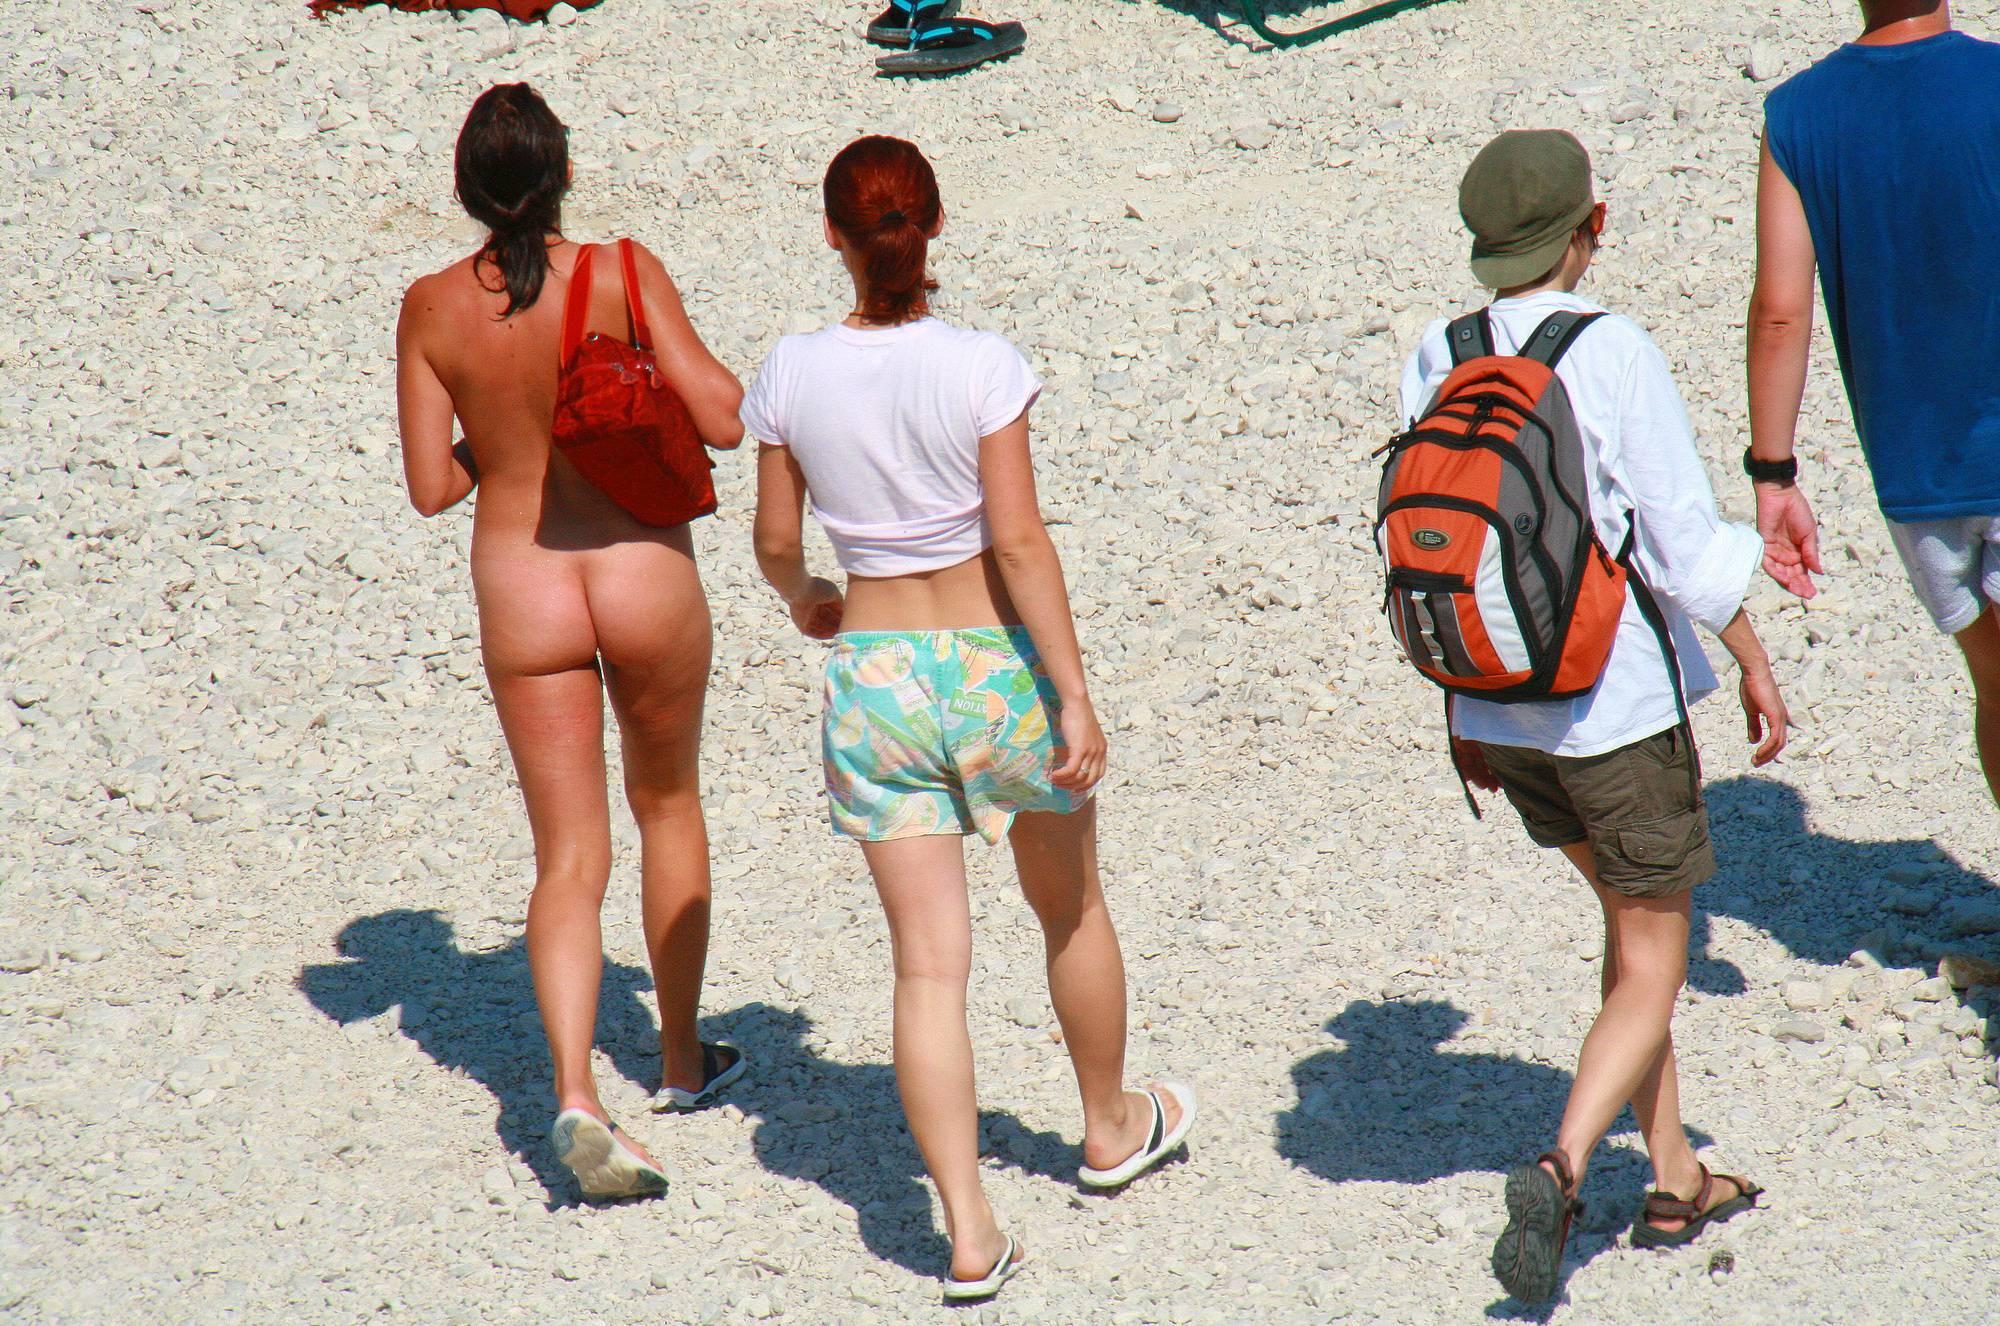 Nudist Photos Ula FKK Beach Sand Pass - 2